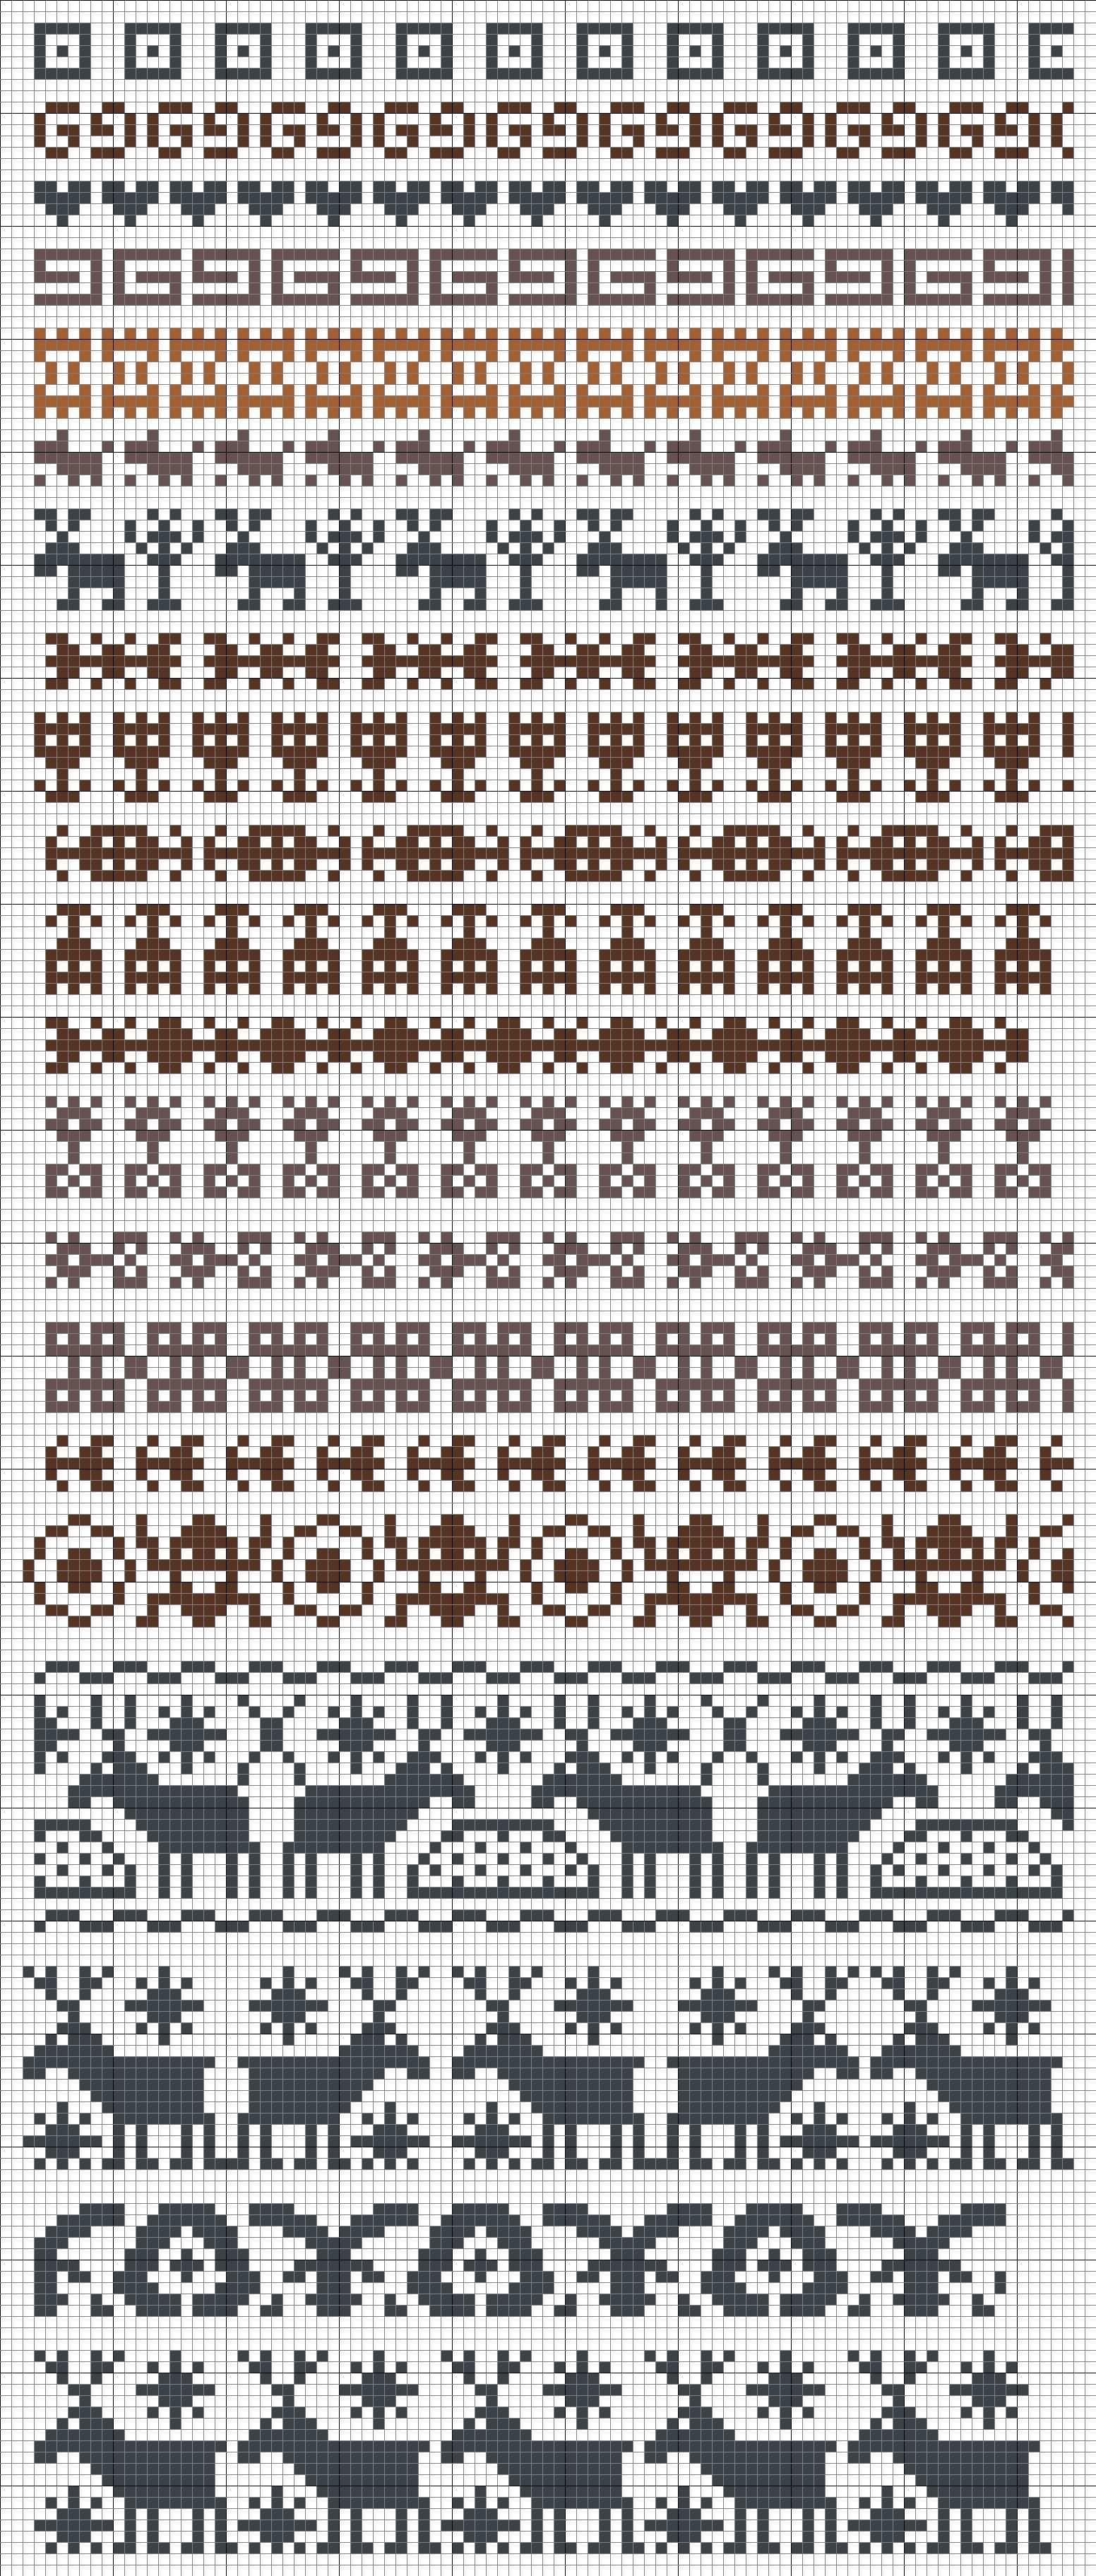 Borduren Haken En Weven Met Kraaltjes Heel Veel Mogelijkheden Met Deze Patroontjes Stickningsmaskor Knitting Pattern Stickning